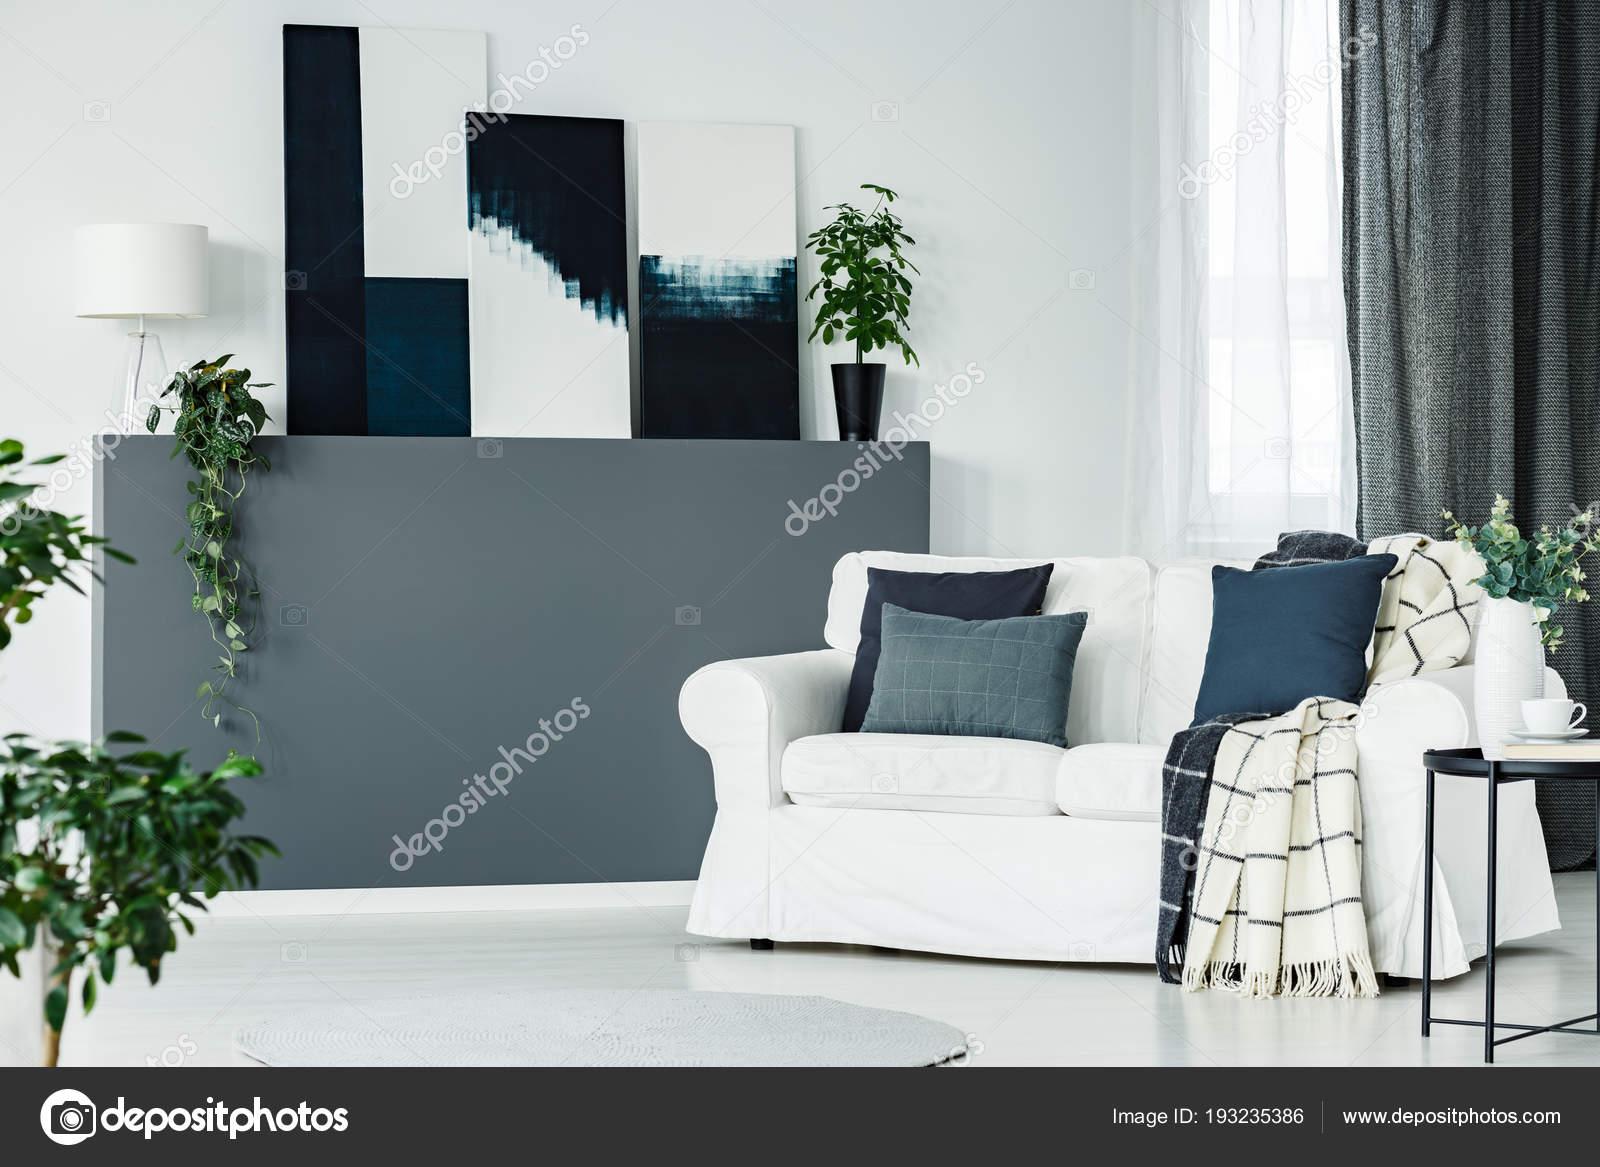 Muur Plank Voor Schilderijen.Moderne Kunst Schilderijen Geplaatst Een Muur Plank Met Lamp Verse